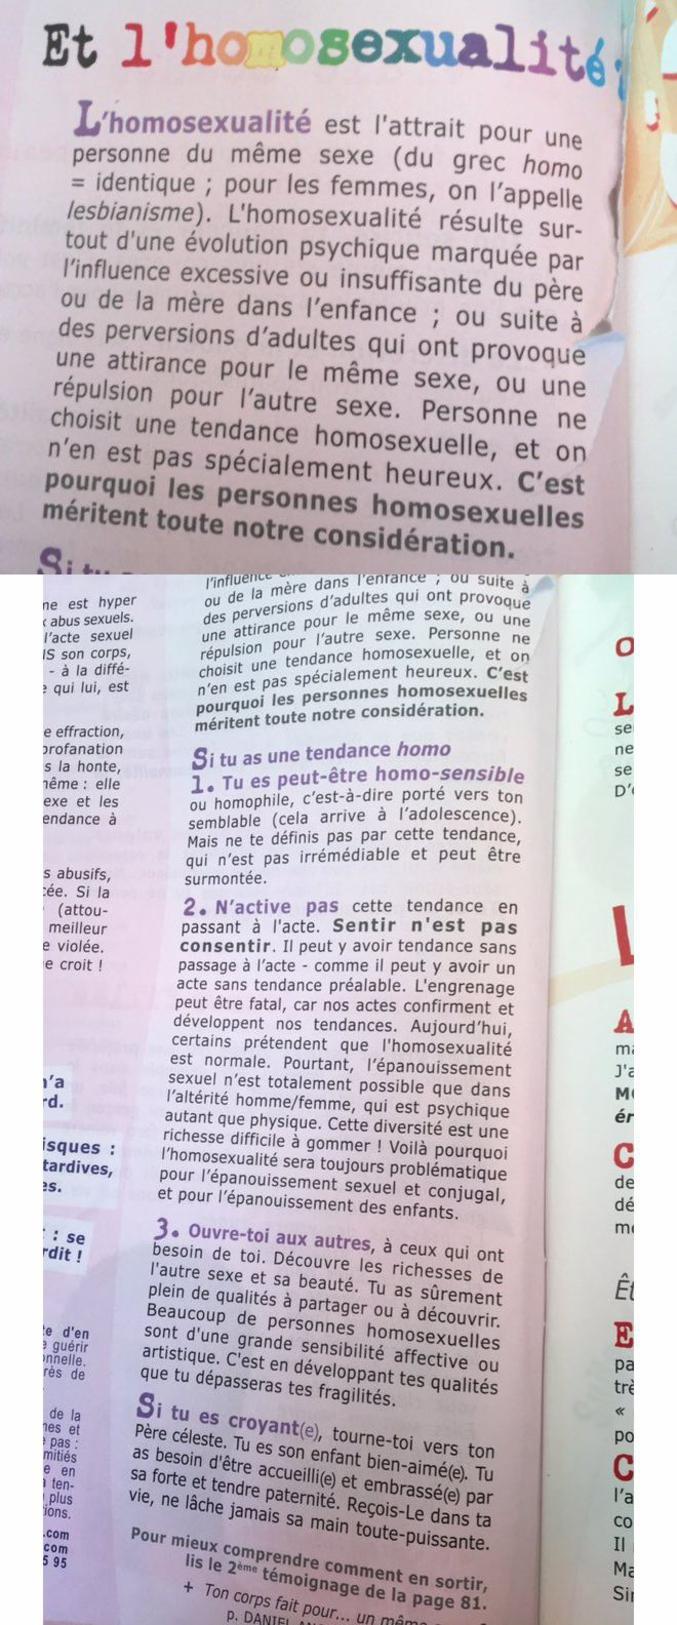 Un manuel sur la sexualité a été distribué jeudi aux classes de première du lycée privé Notre-Dame Sainte-Croix à Neuilly-sur-Seine. On y apprend que l'homosexualité vient de «perversions» et qu'une fille ne doit surtout pas «commettre l'irréparable»: avorter.  source: https://www.buzzfeed.com/davidperrotin/le-livret-distribue-par-ce-lycee-catho-affirme-que-lhomosexu